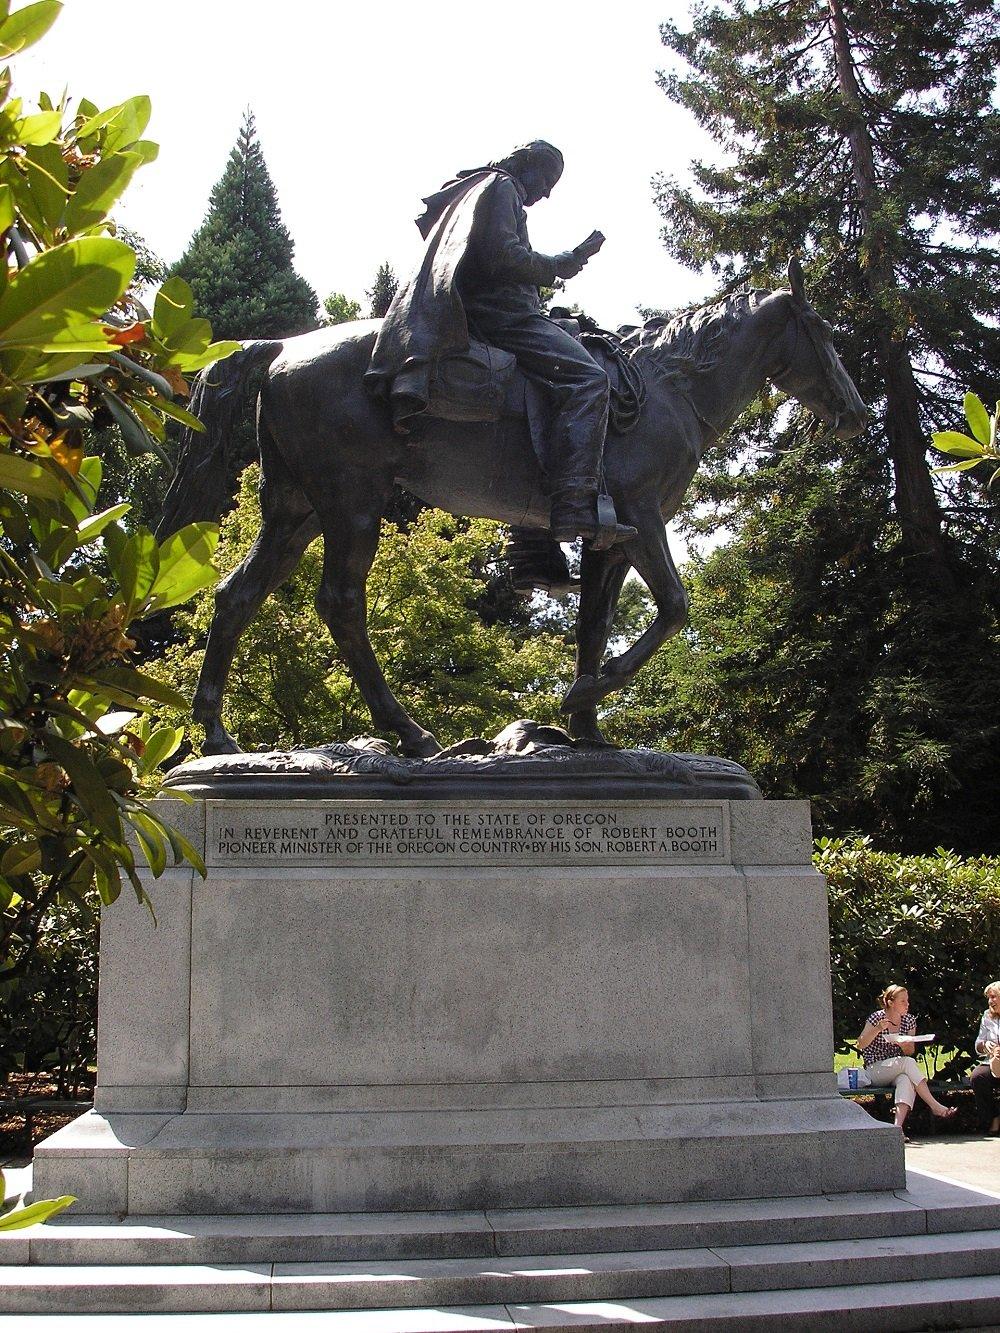 Circuit Rider statue